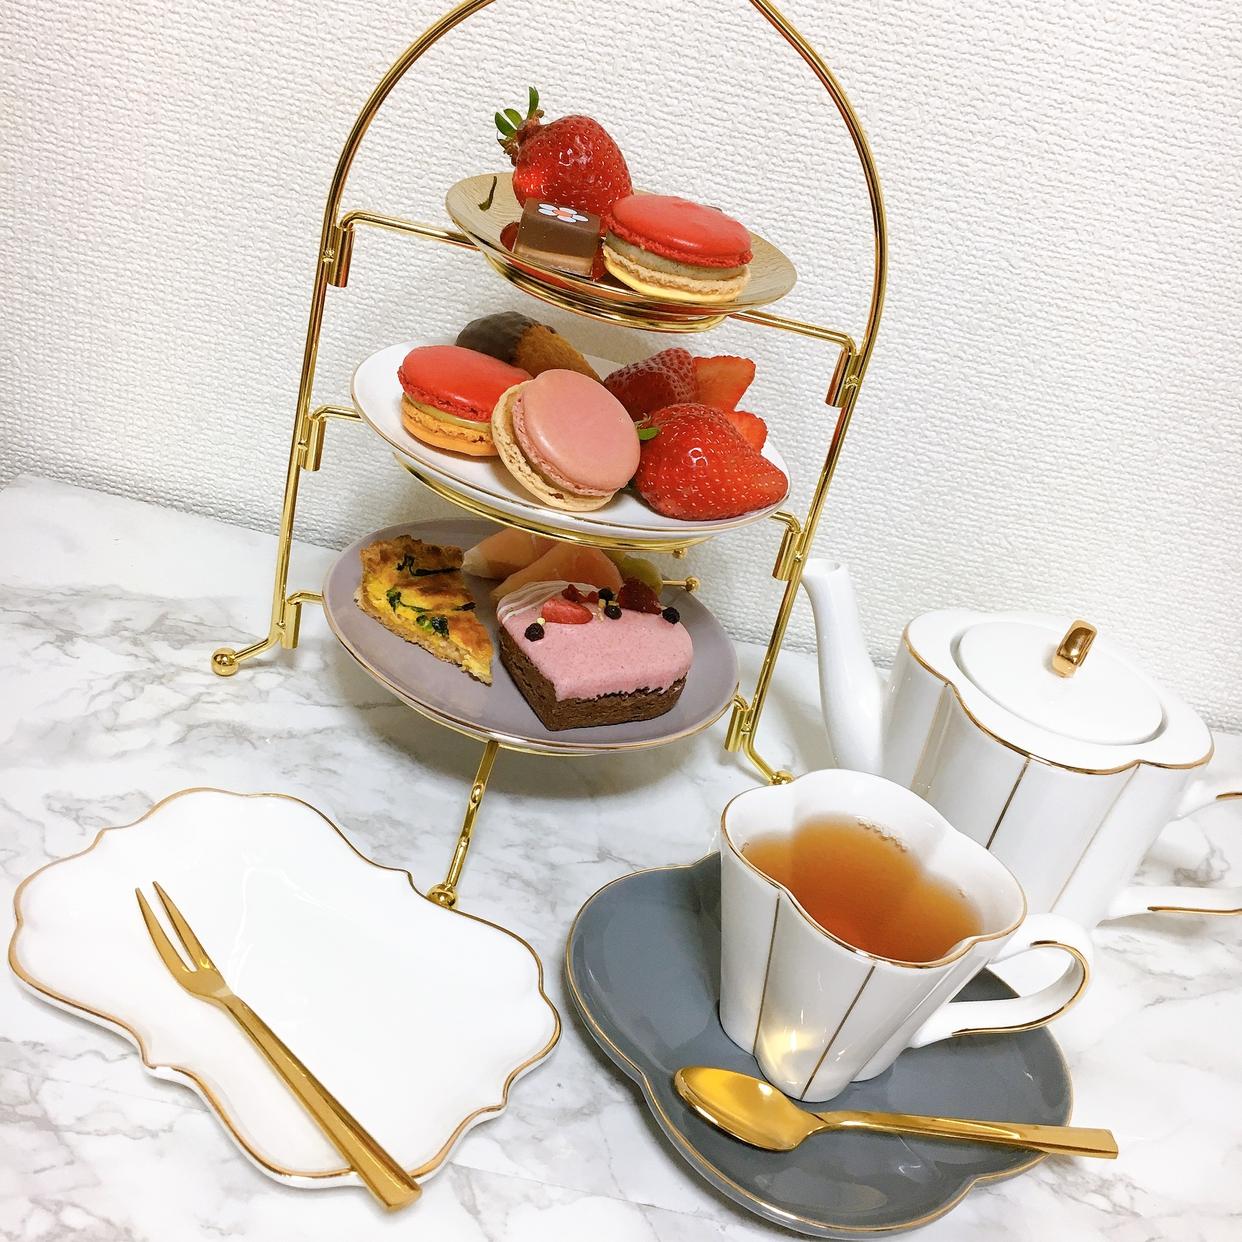 Francfranc(フランフラン)おうちカフェセット 2 personsを使ったりもこんさんのクチコミ画像1